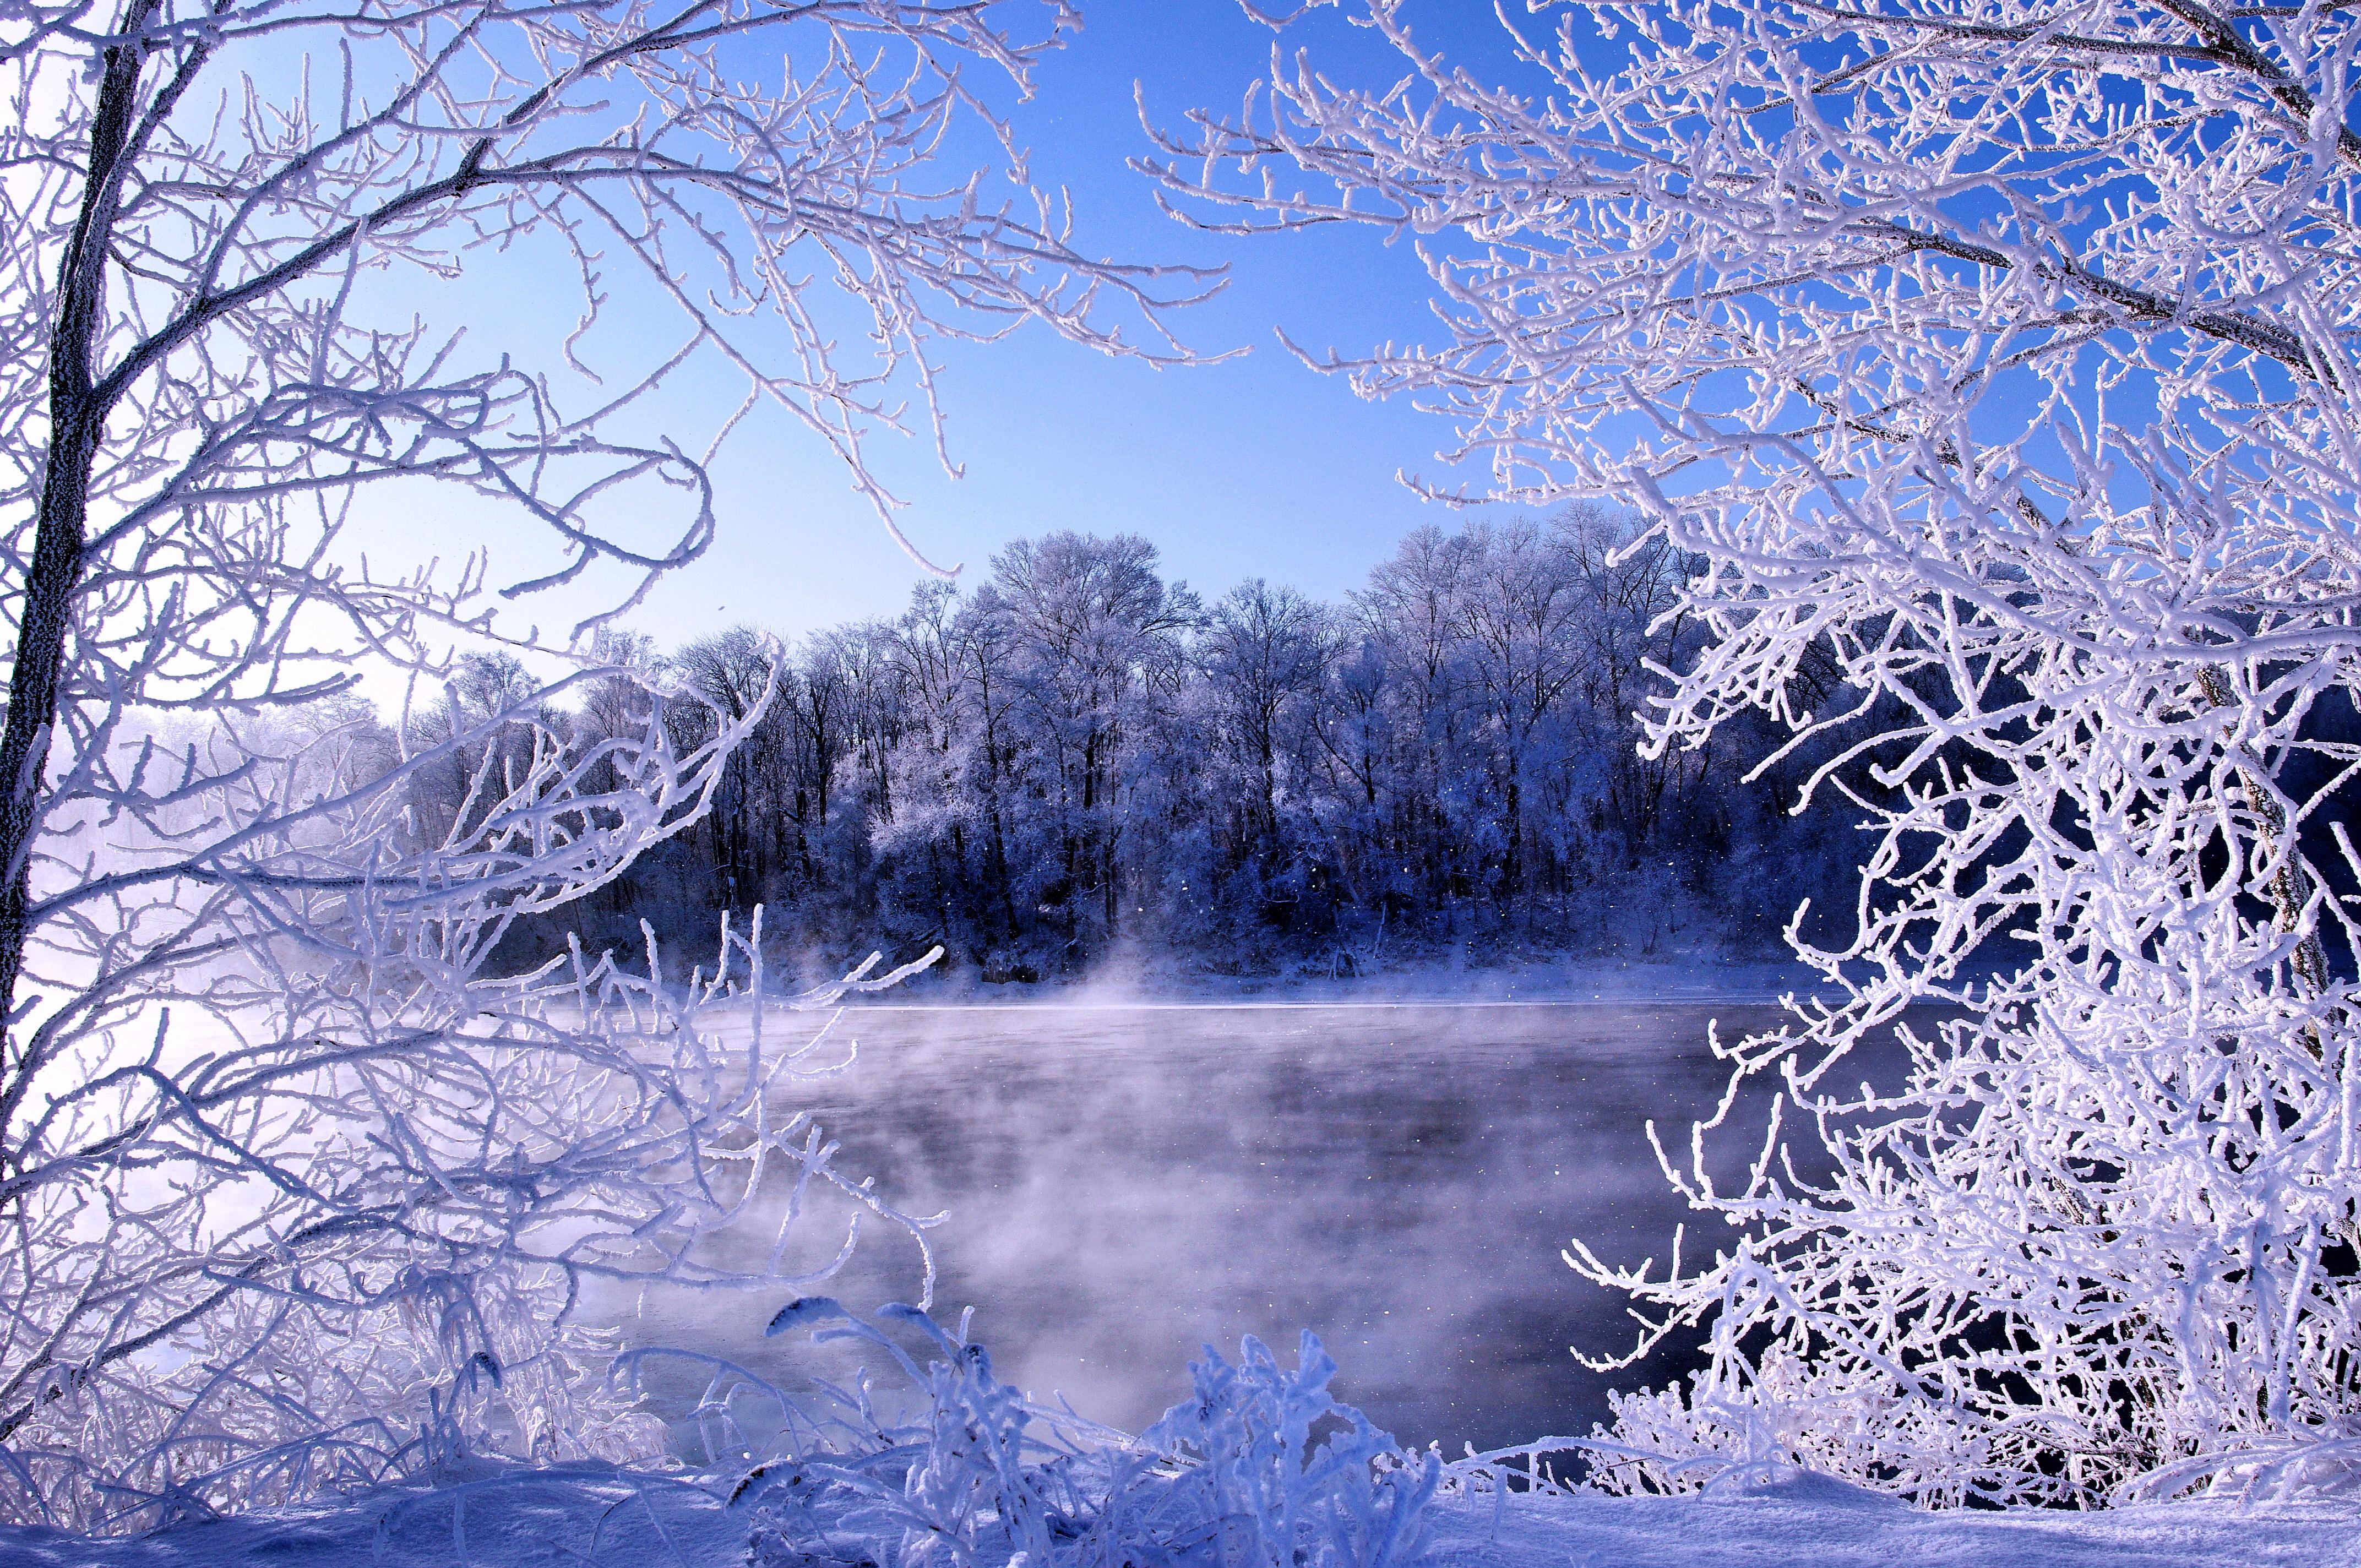 речка мороз зима the river frost winter  № 456290 бесплатно